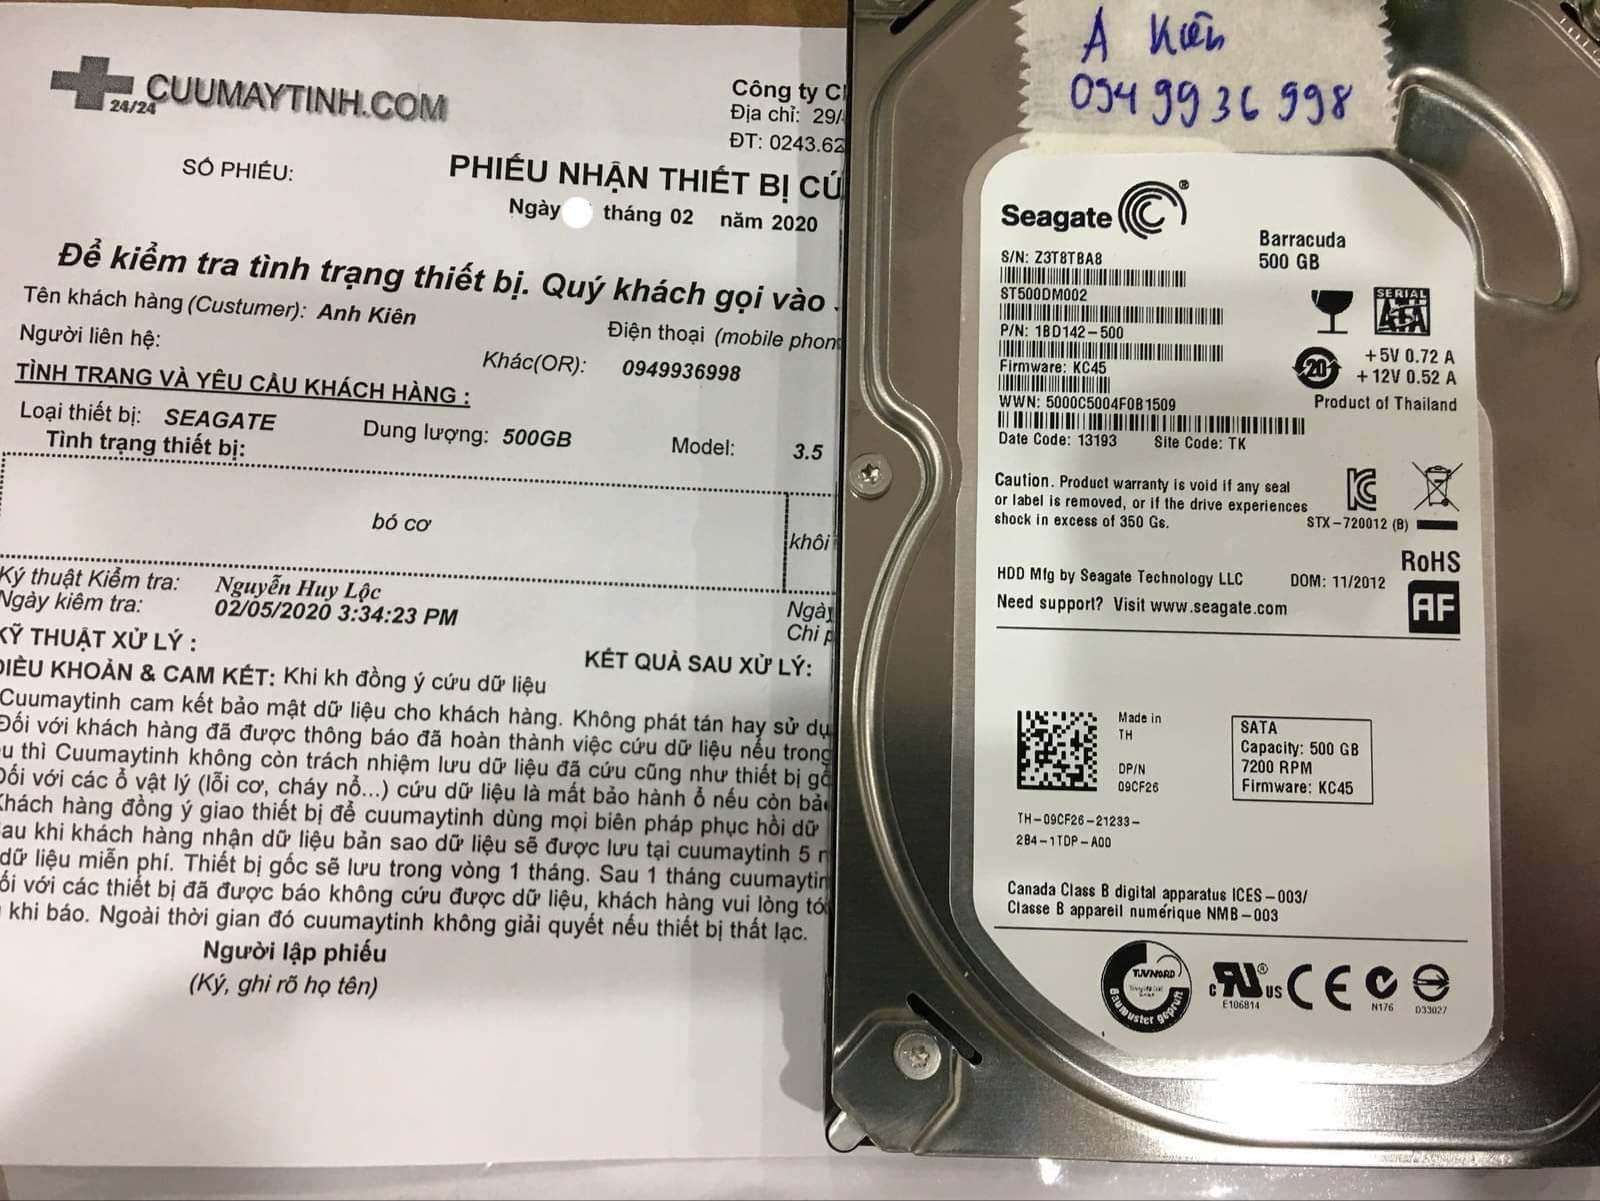 Khôi phục dữ liệu ổ cứng Seagate 500GB bó cơ 05/02/2020 - cuumaytinh